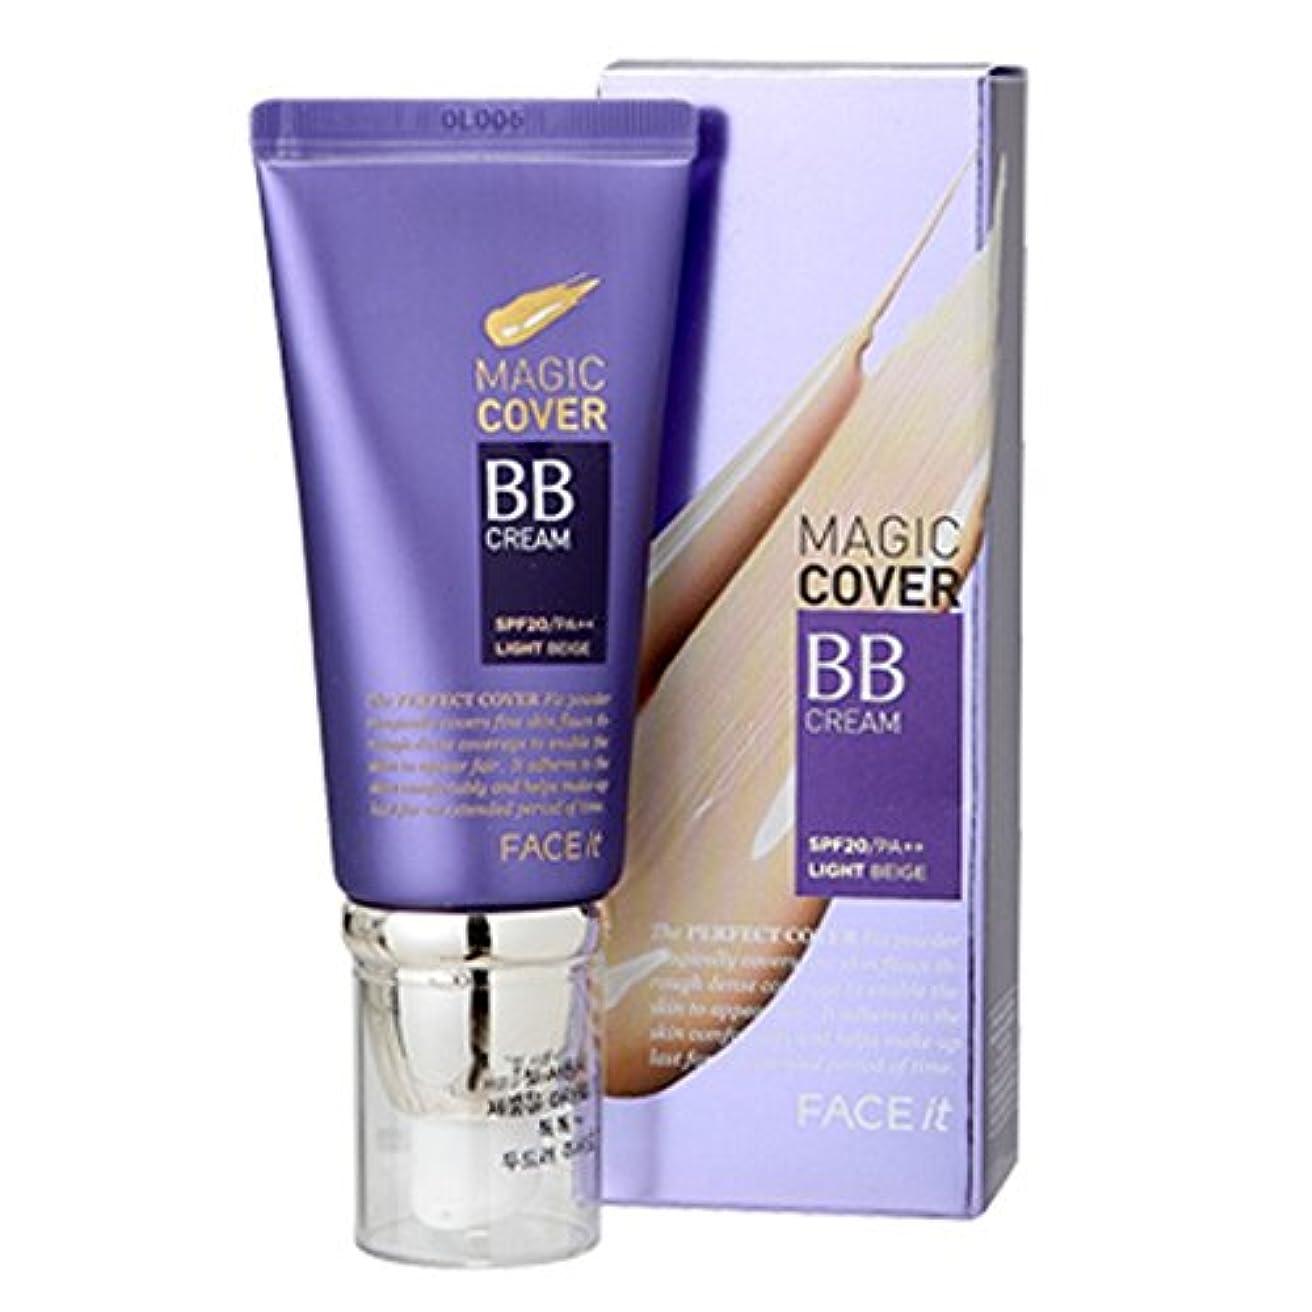 矩形傾向があるビートザフェイスショップ The Face Shop Face It Magic Cover BB Cream 45ml (02 Natural Beige)